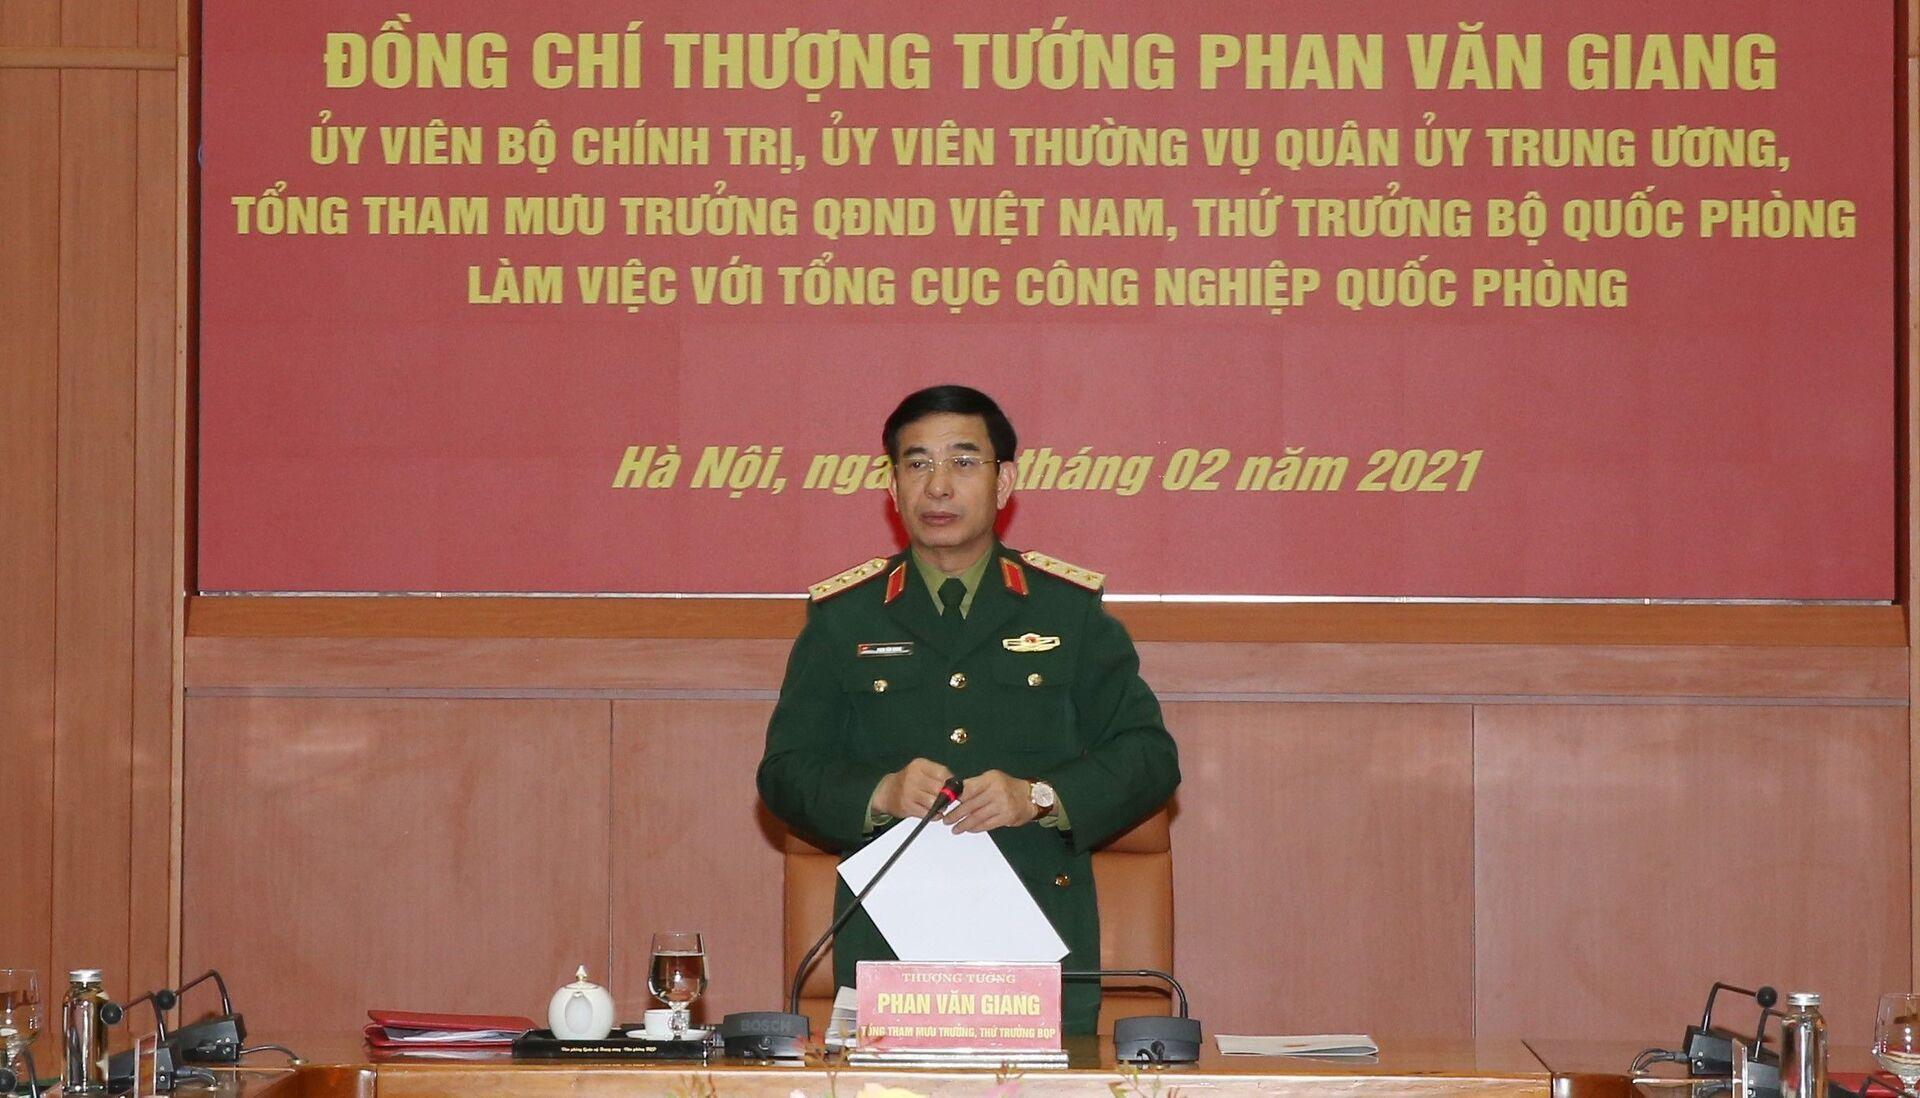 """Quân đội, Công an ở Quốc hội: Những lãnh đạo cấp cao nào được """"chọn mặt gửi vàng""""? - Sputnik Việt Nam, 1920, 05.03.2021"""